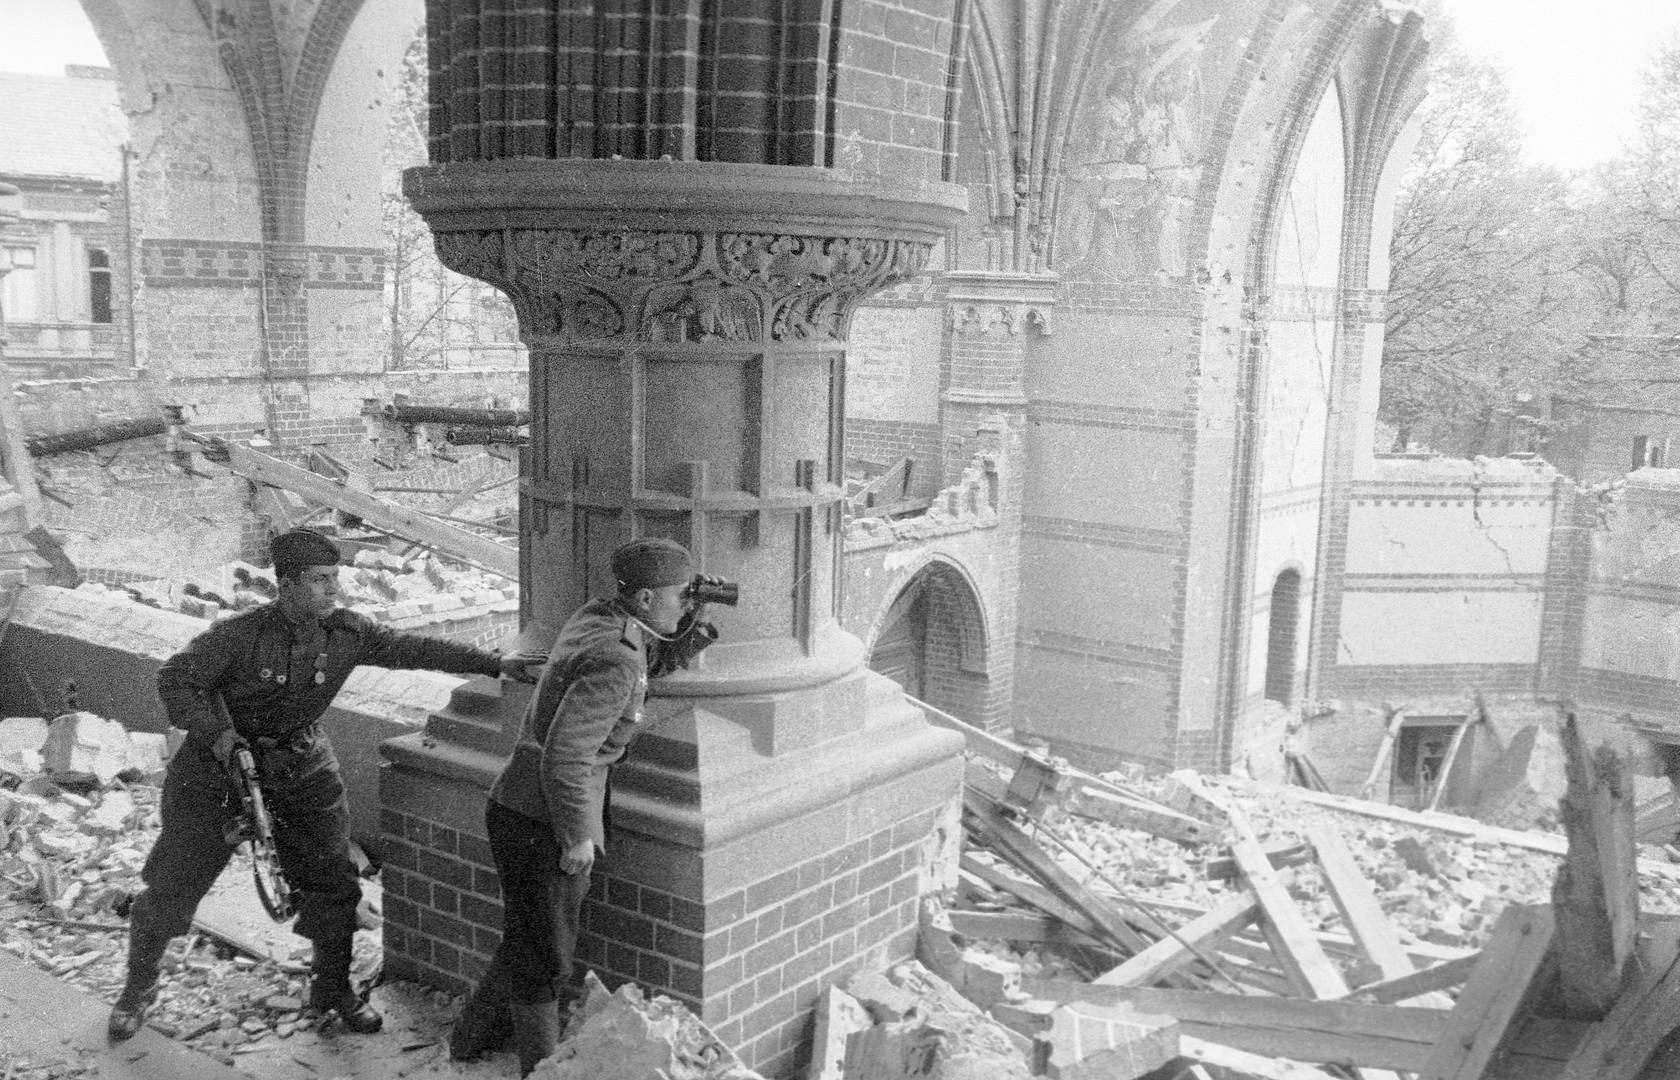 Олег Кнорринг. Советский офицер ведет корректировку артиллерийского огня из разрушенной церкви в Берлине. Апрель 1945 г.